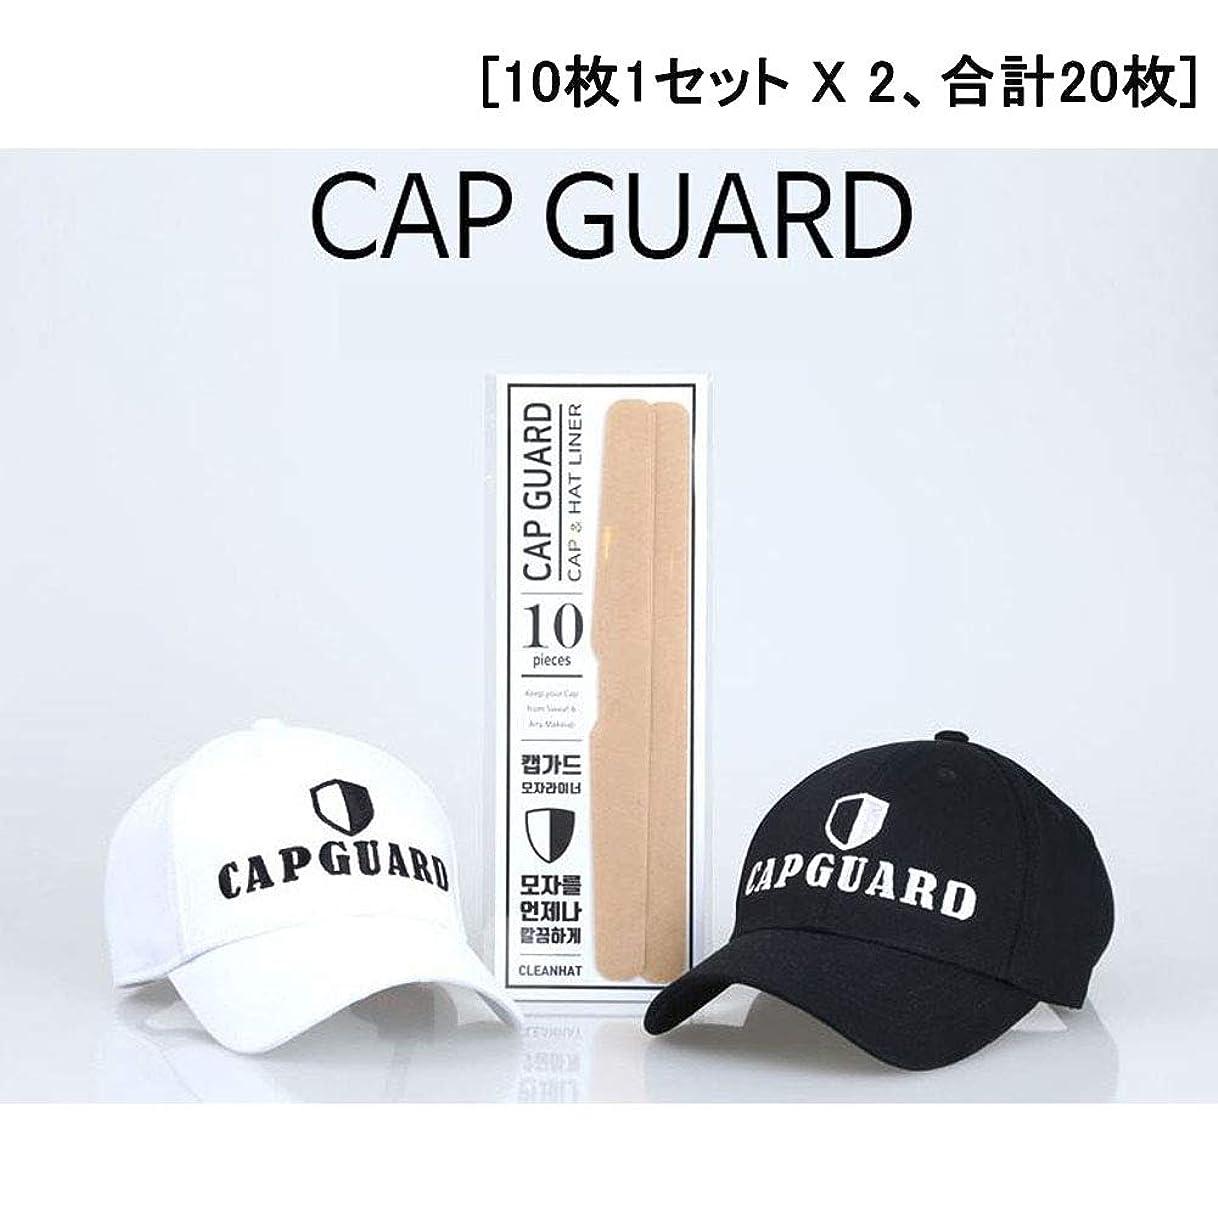 申請者オフェンスバット【クリーンキャップ]帽子汗吸収パッド/接着良く、より長く良いCAP GUARD 10枚 1SET /280 X30jmm(4g)/汗の吸収力も優れた帽子ライナー[並行輸入品] (10枚 2セット、合計 20枚)